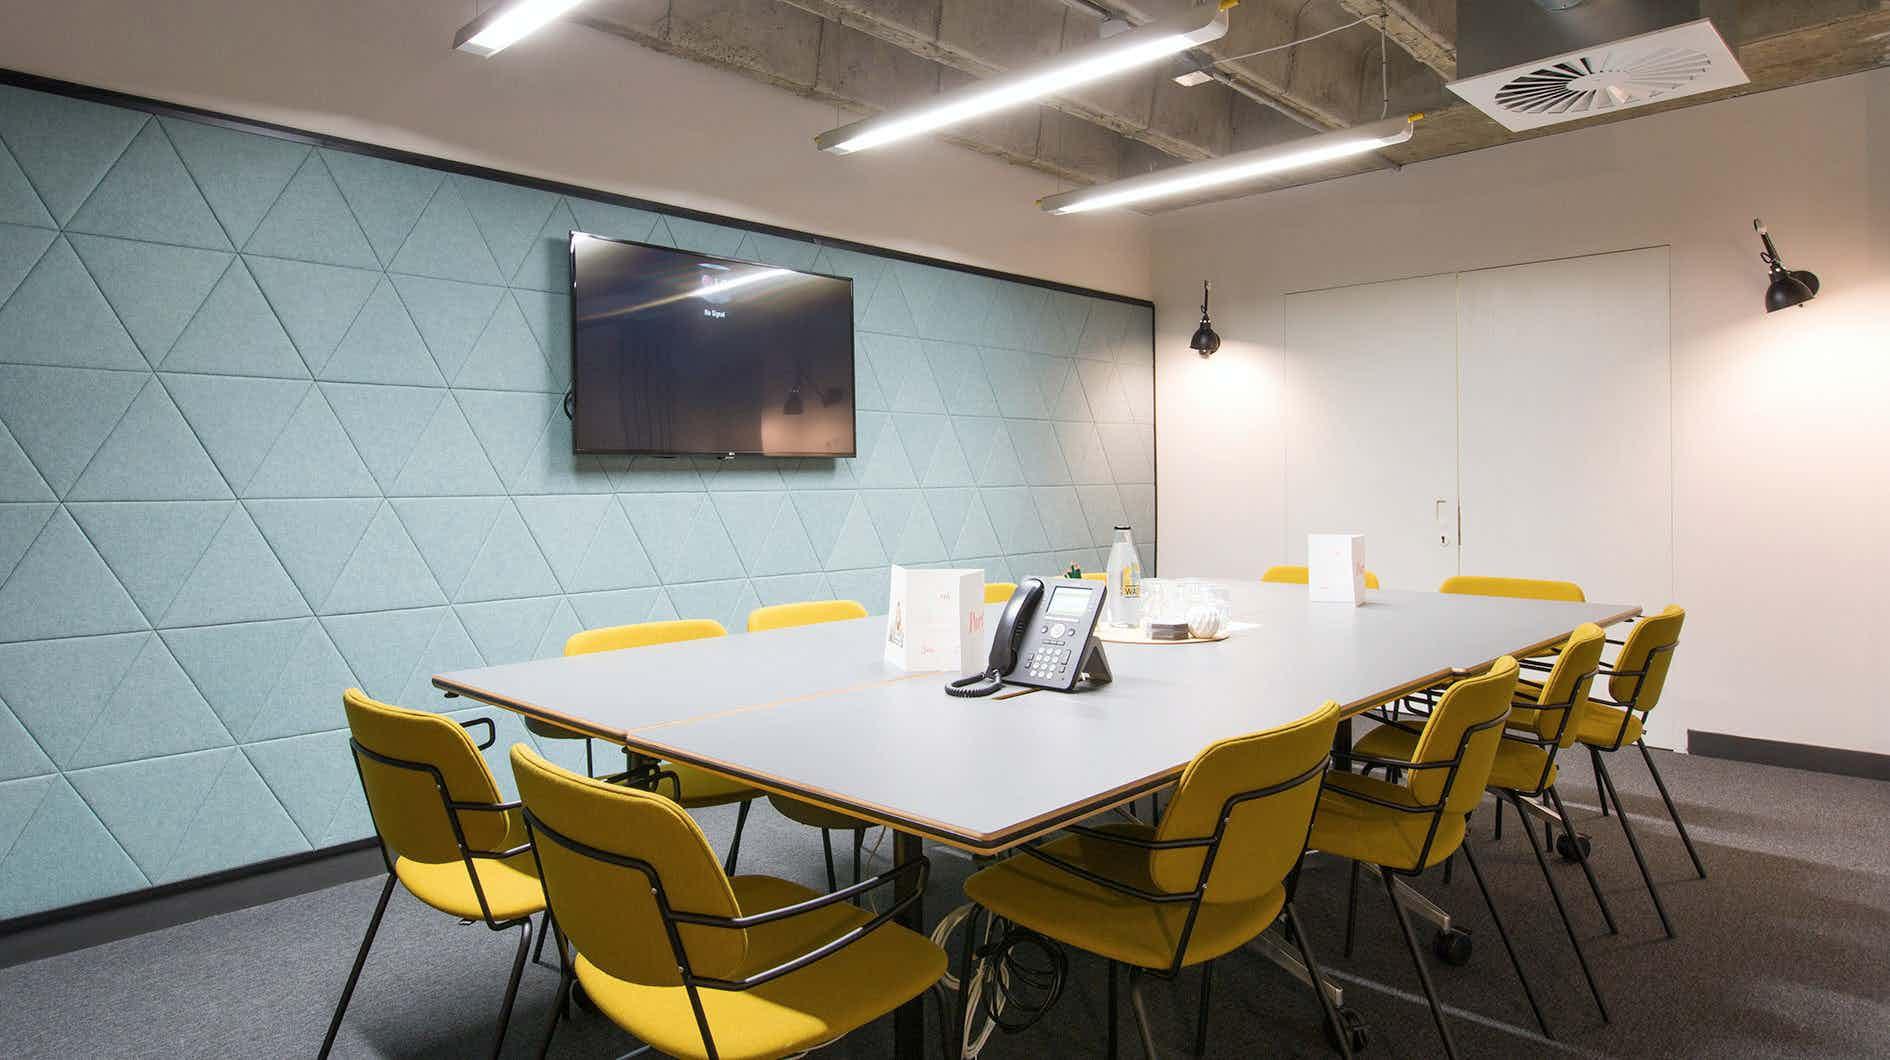 Meeting Room 9, TOG, 256-260 Old Street